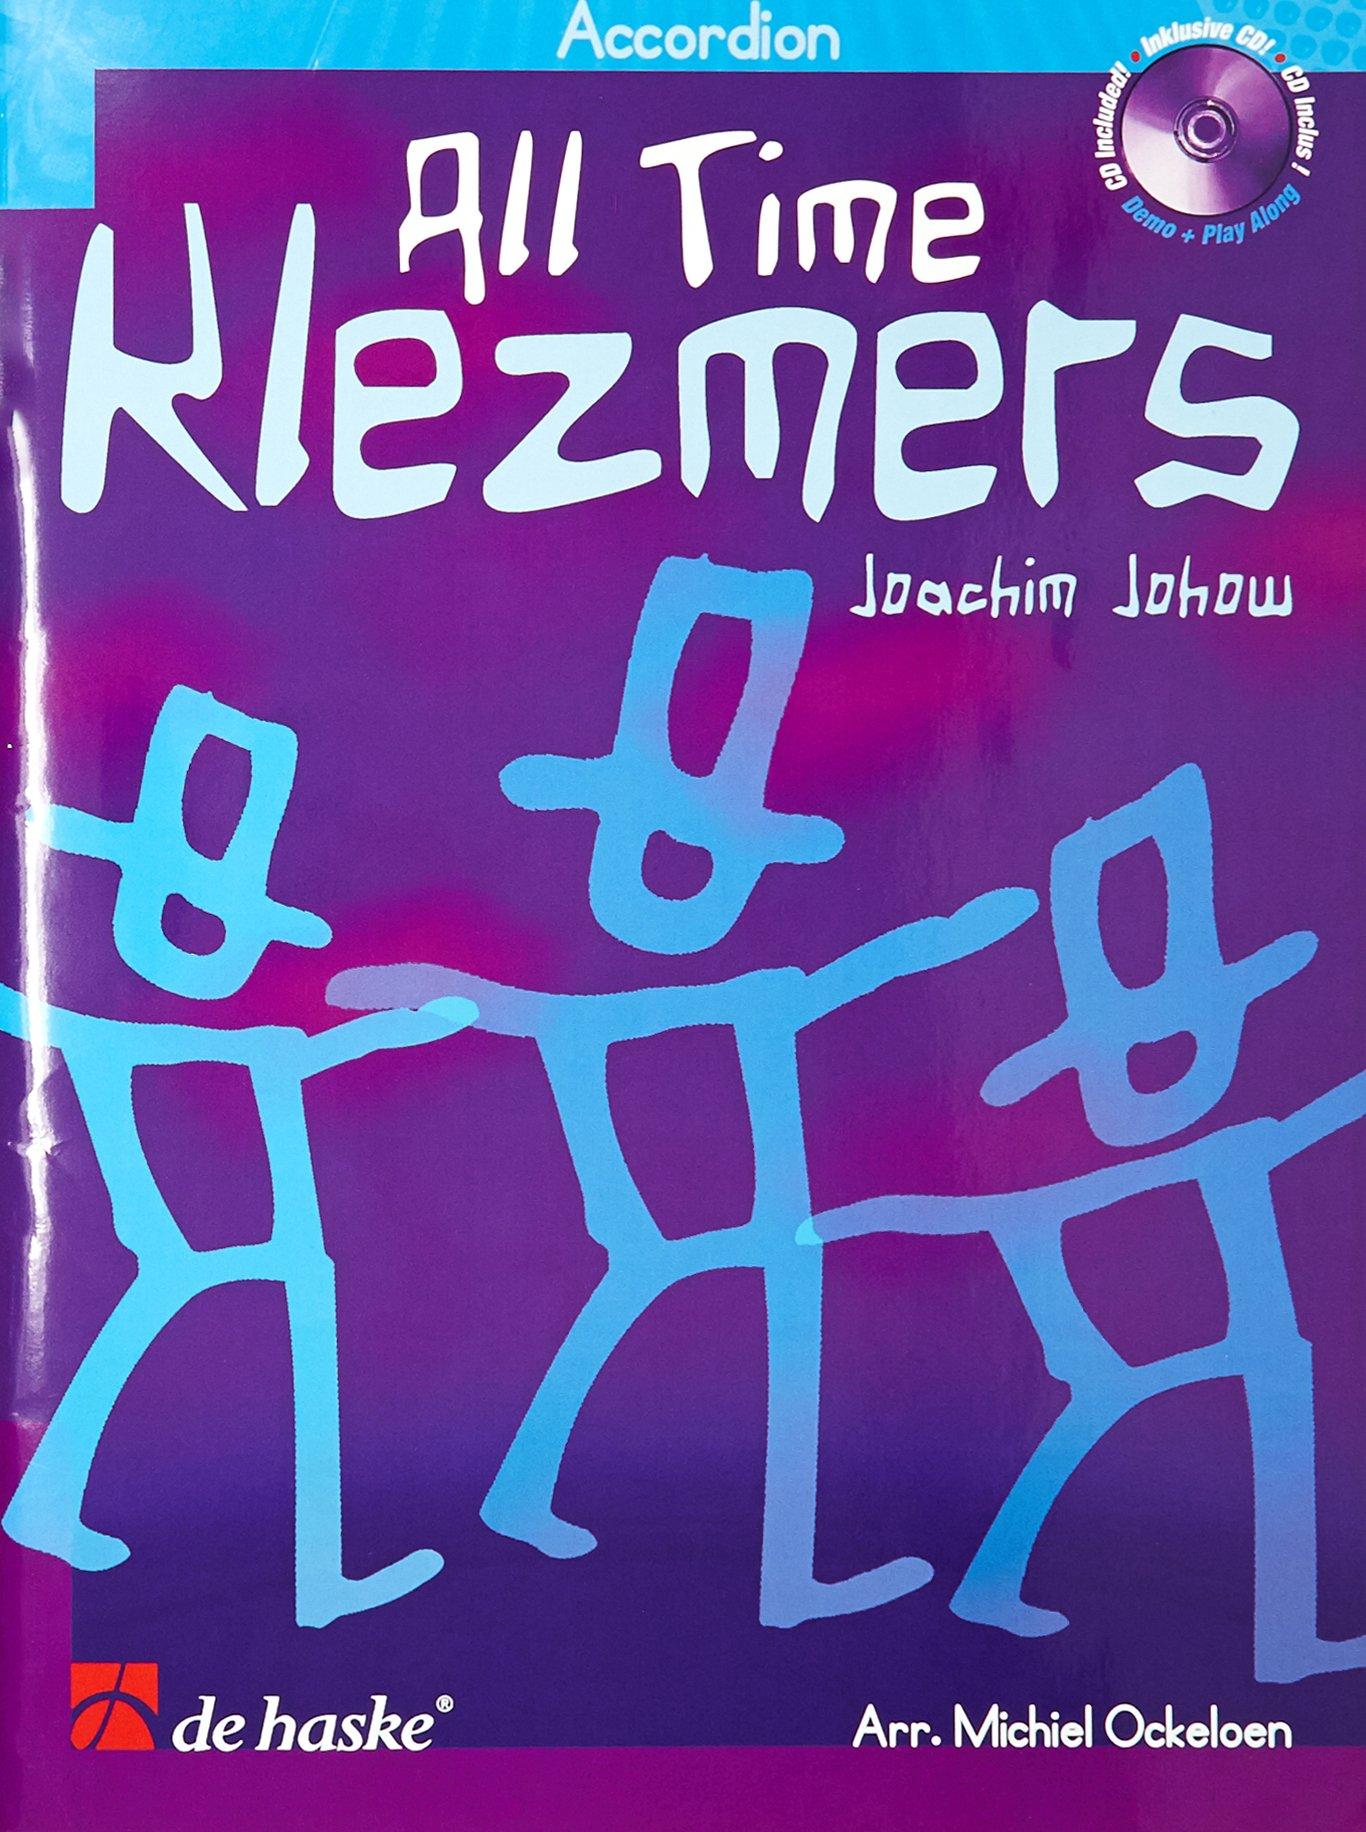 All Time Klezmers (Néerlandais) Broché – 24 mai 2012 Joachim Johow De Haske International 9043125679 Musikalien